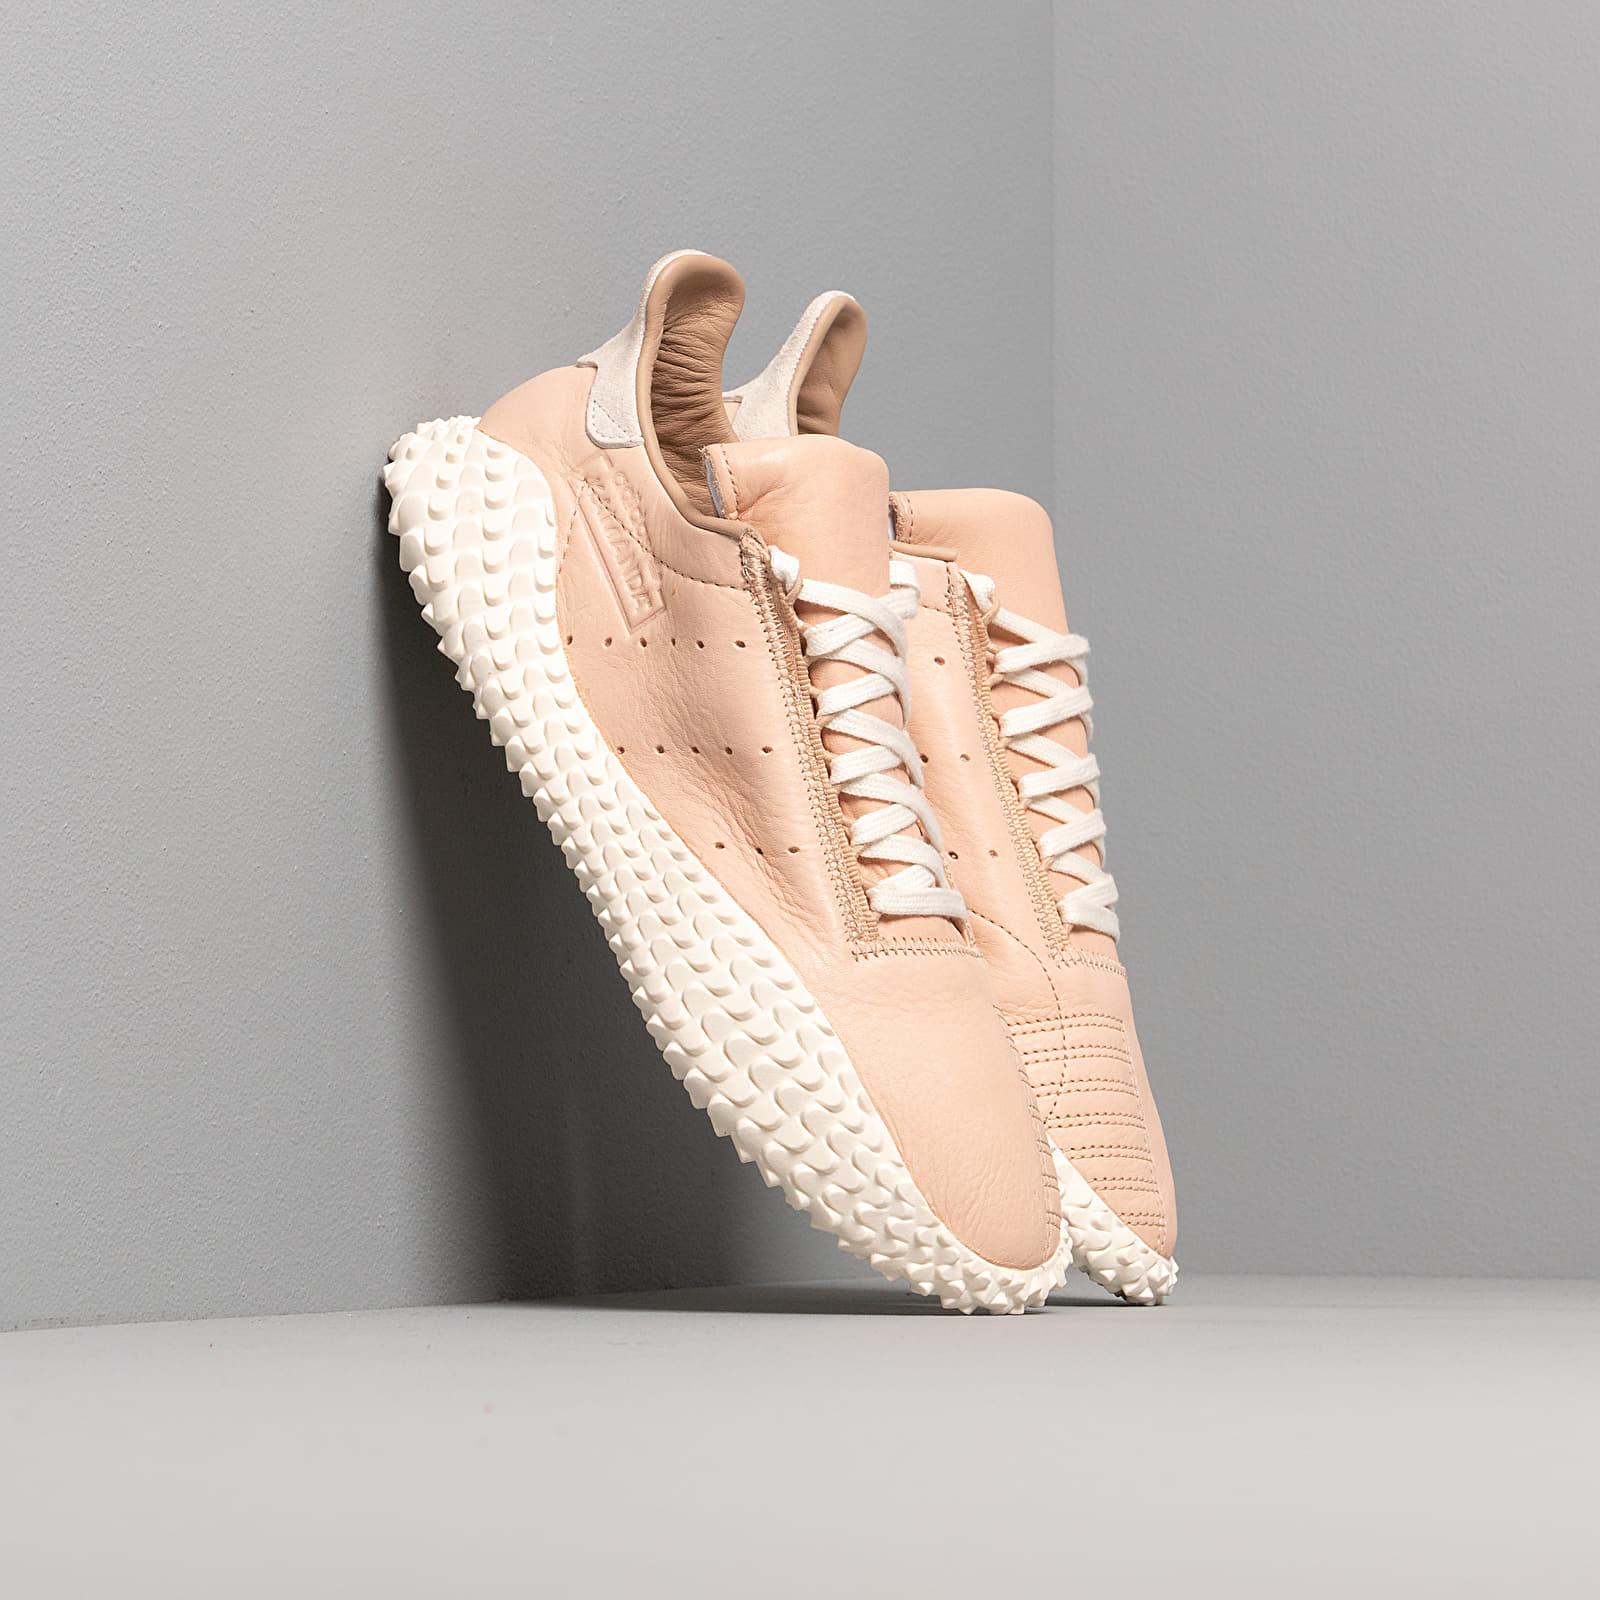 Ανδρικά παπούτσια adidas Kamanda St Pale Nude/ Off White/ Blue